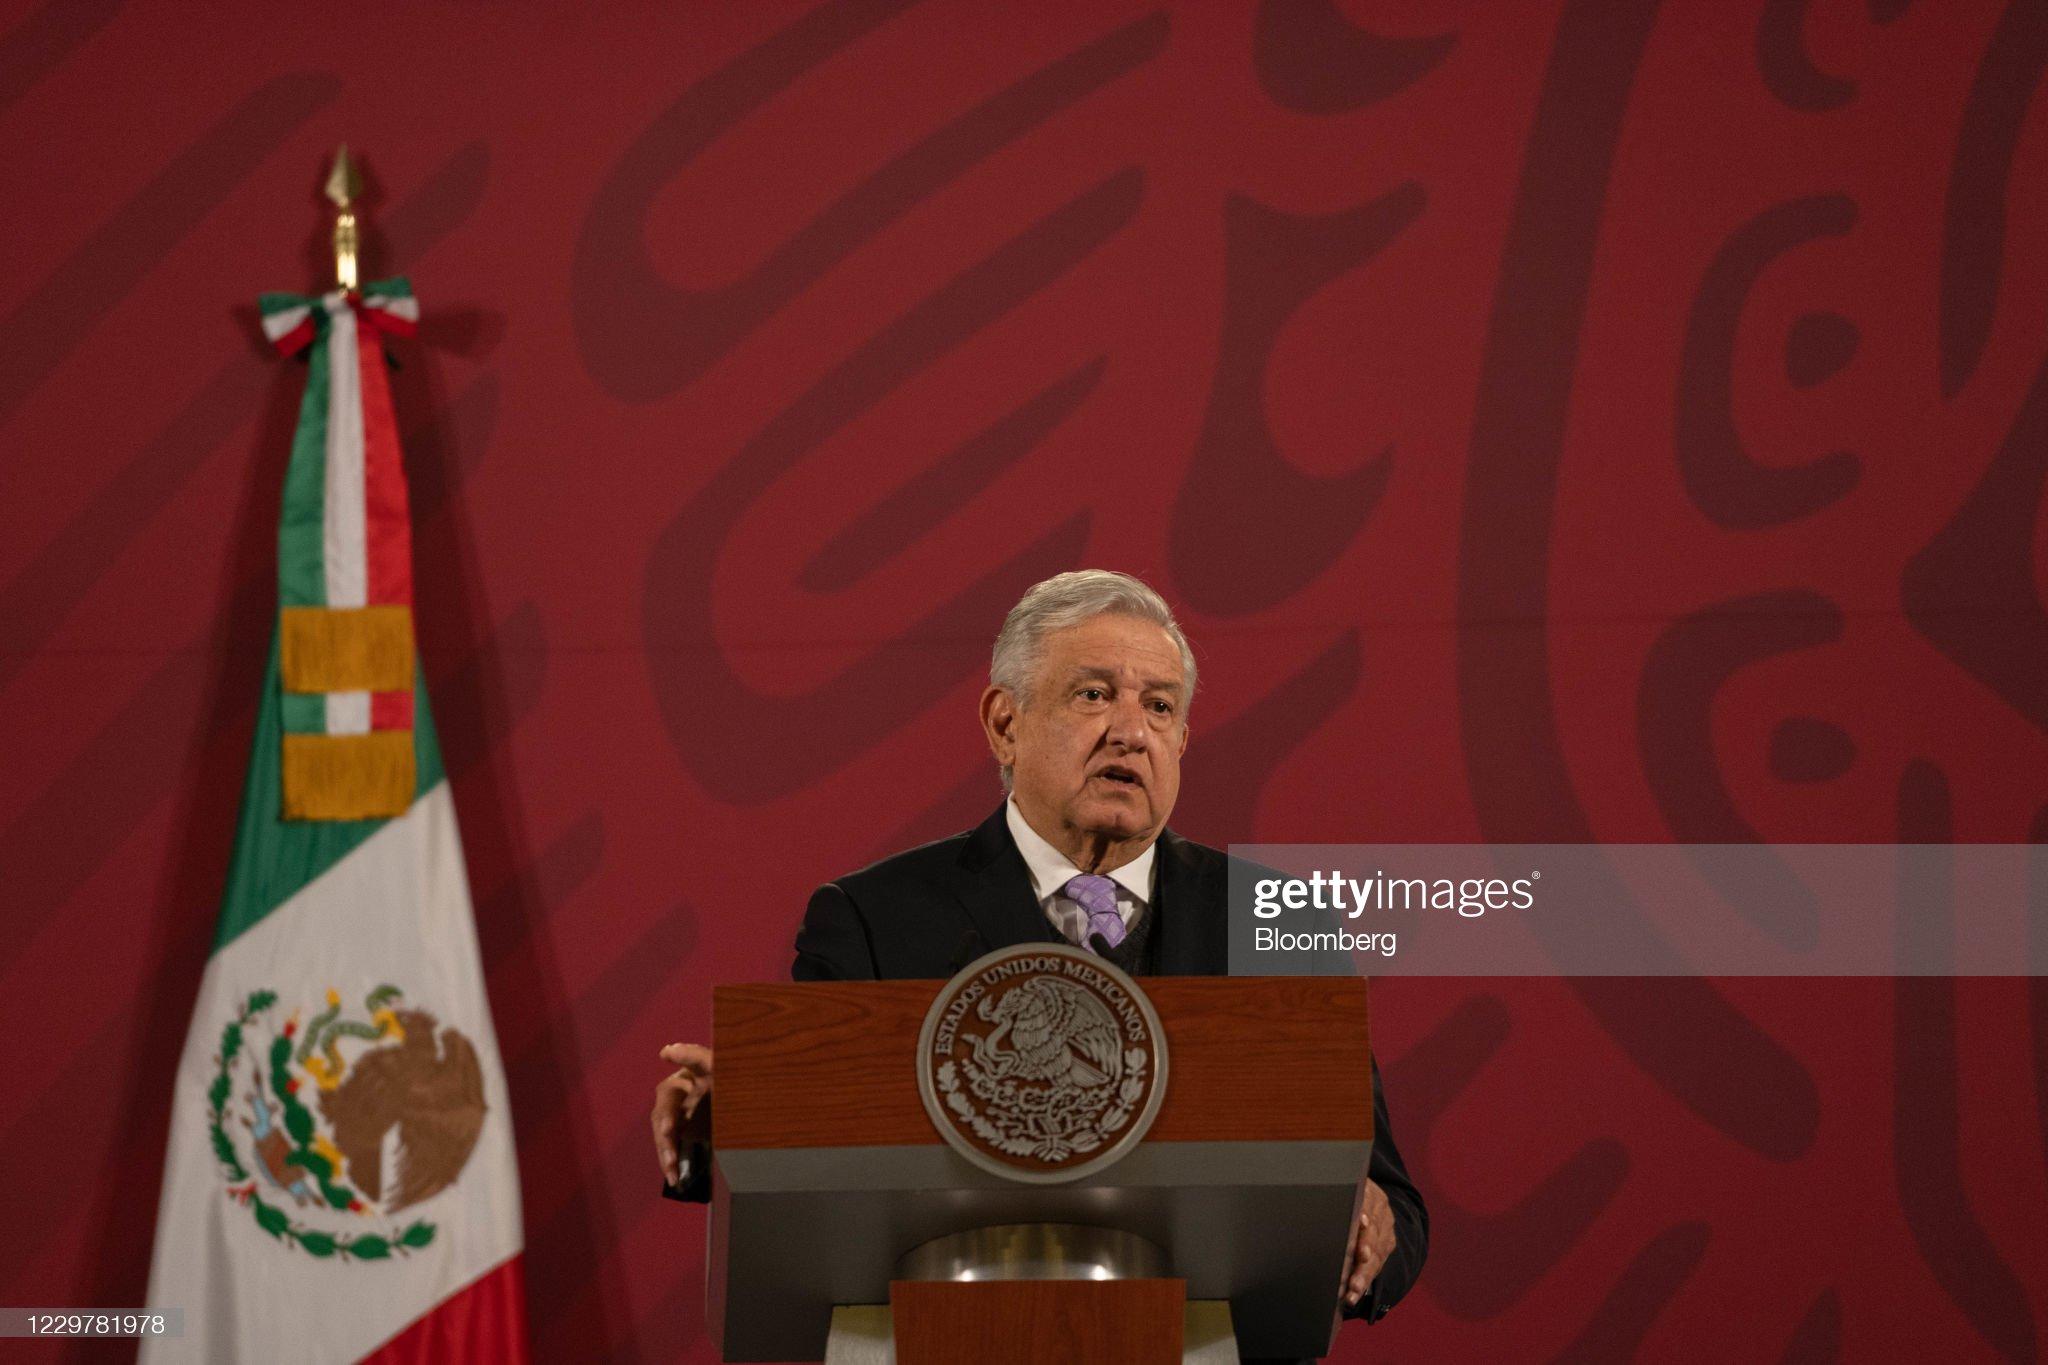 President Lopez Obrador Holds Daily Press Briefing : News Photo